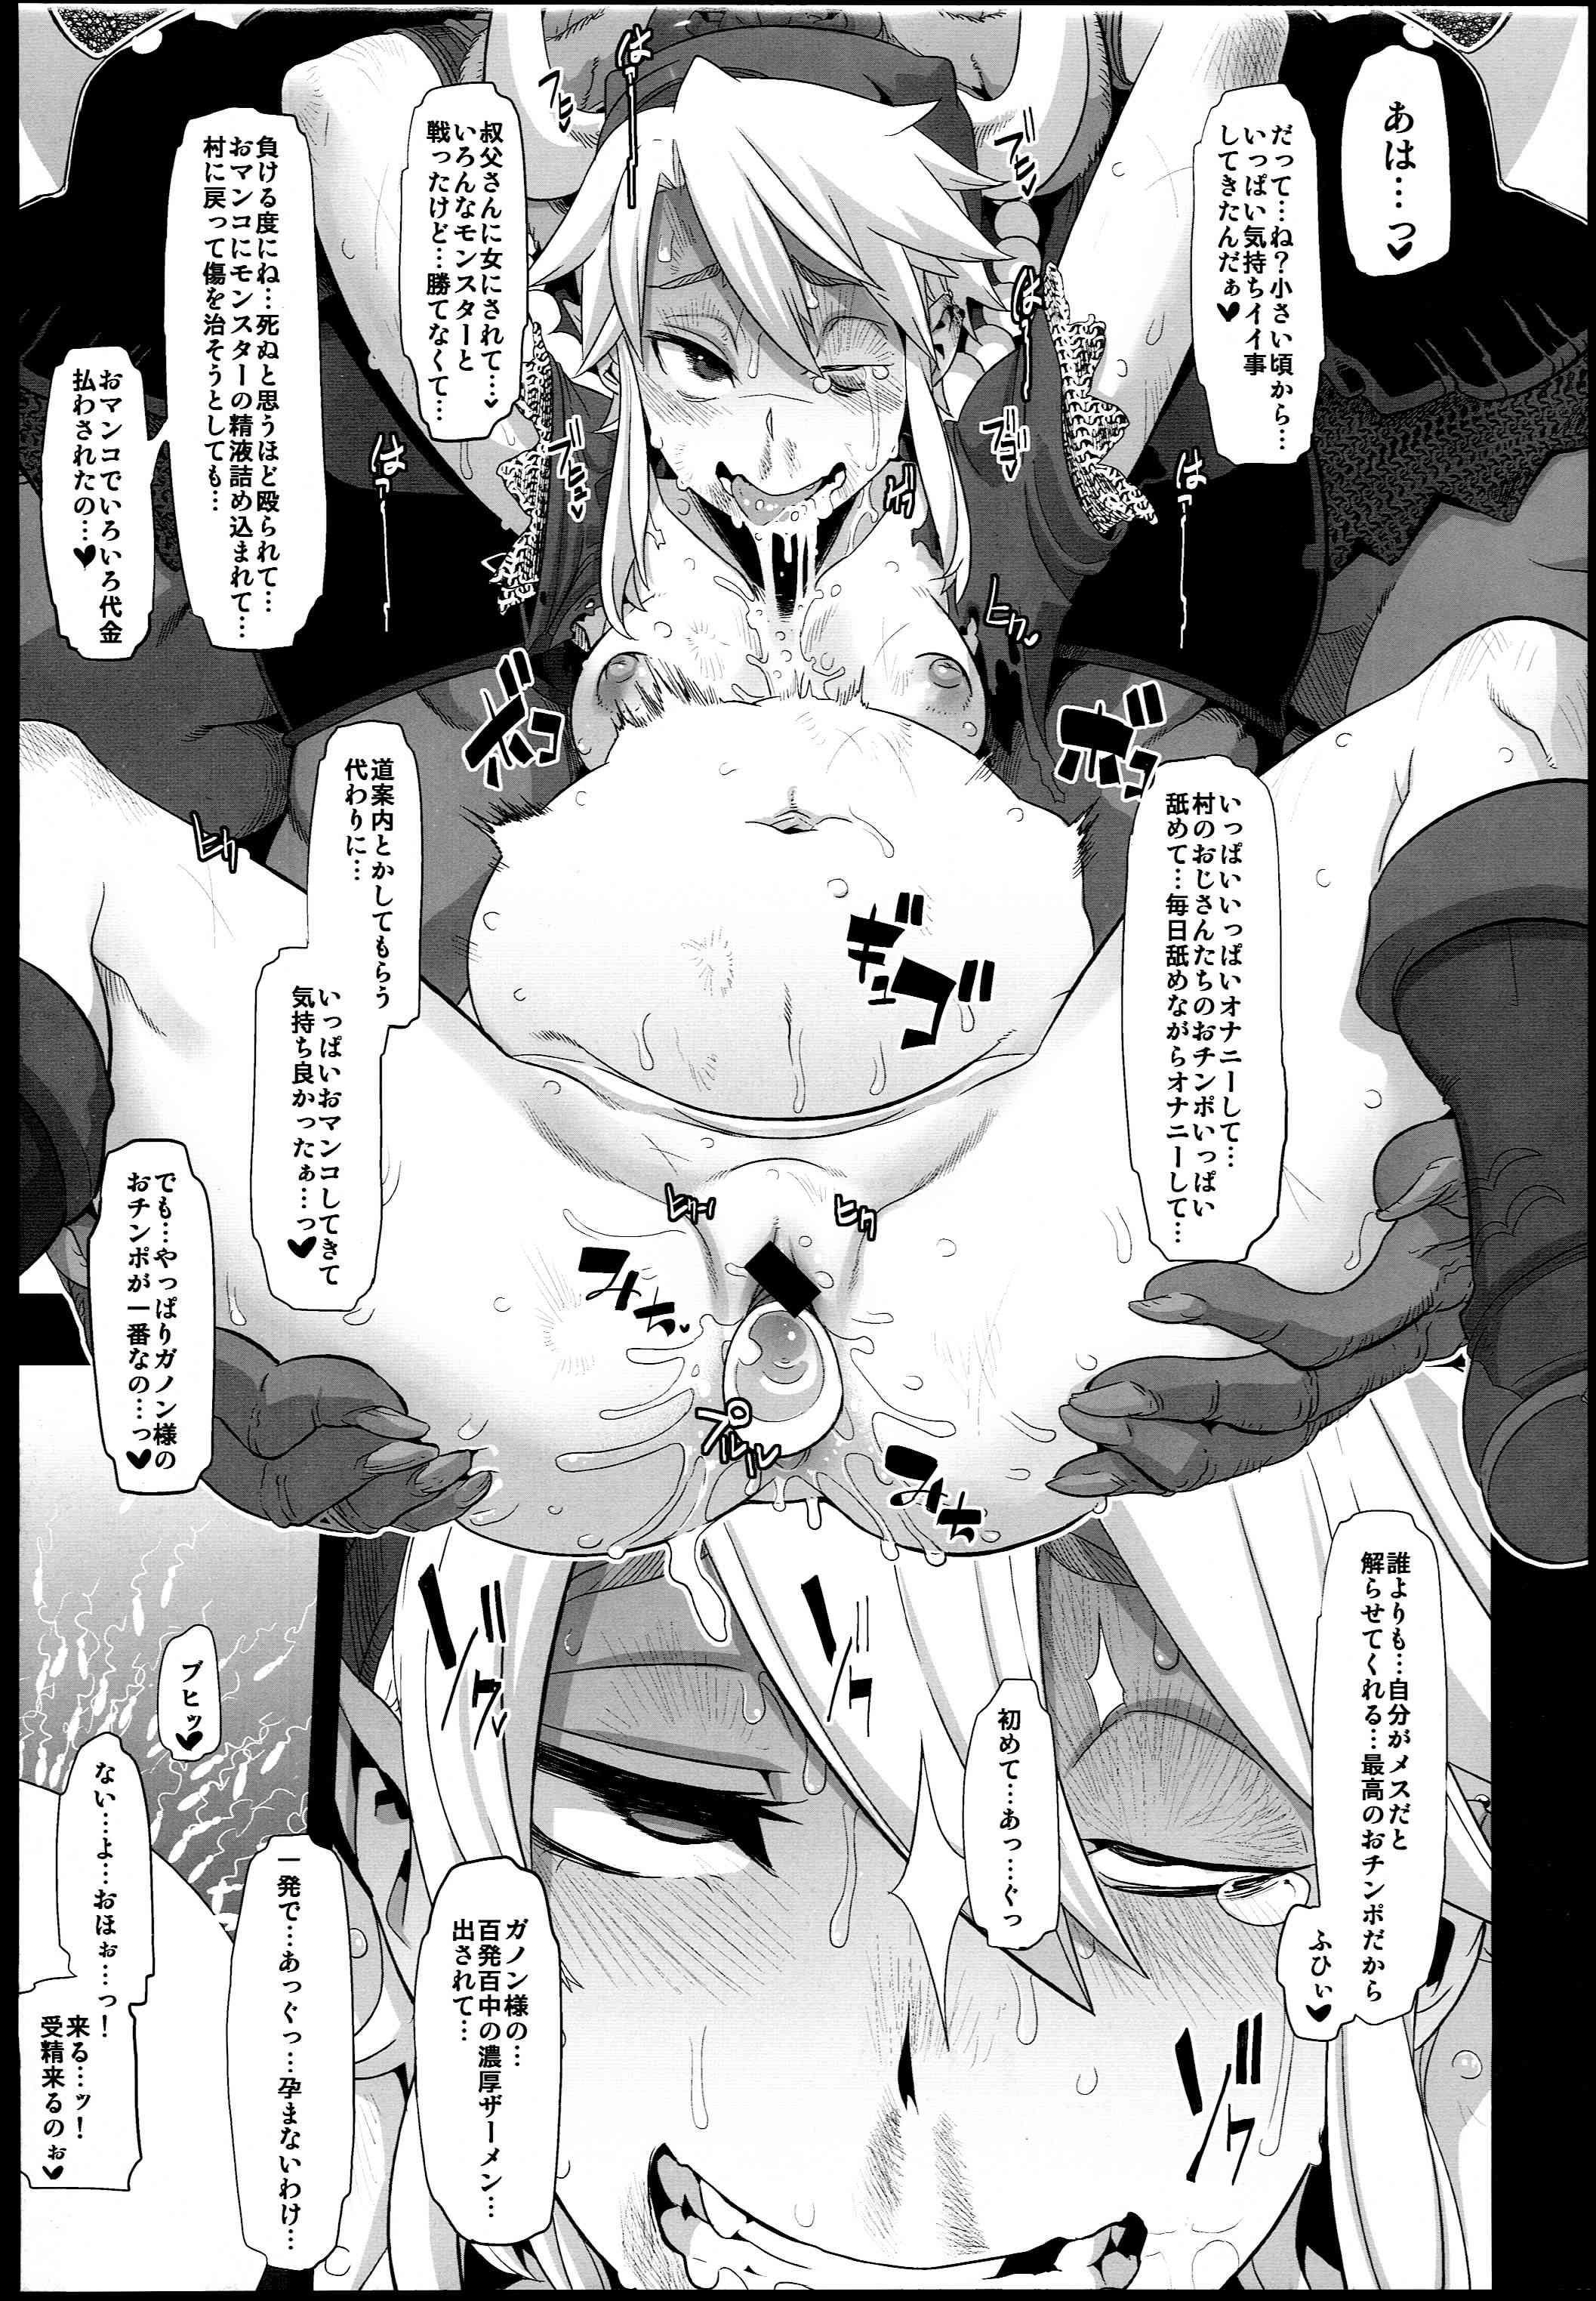 【ゼルダエロ漫画】パイパン巨乳な女体化したリンクが魔王のフルボッコにされちゃってお漏らしマンコ見せつけて命乞いwww【ゼルダの伝説】